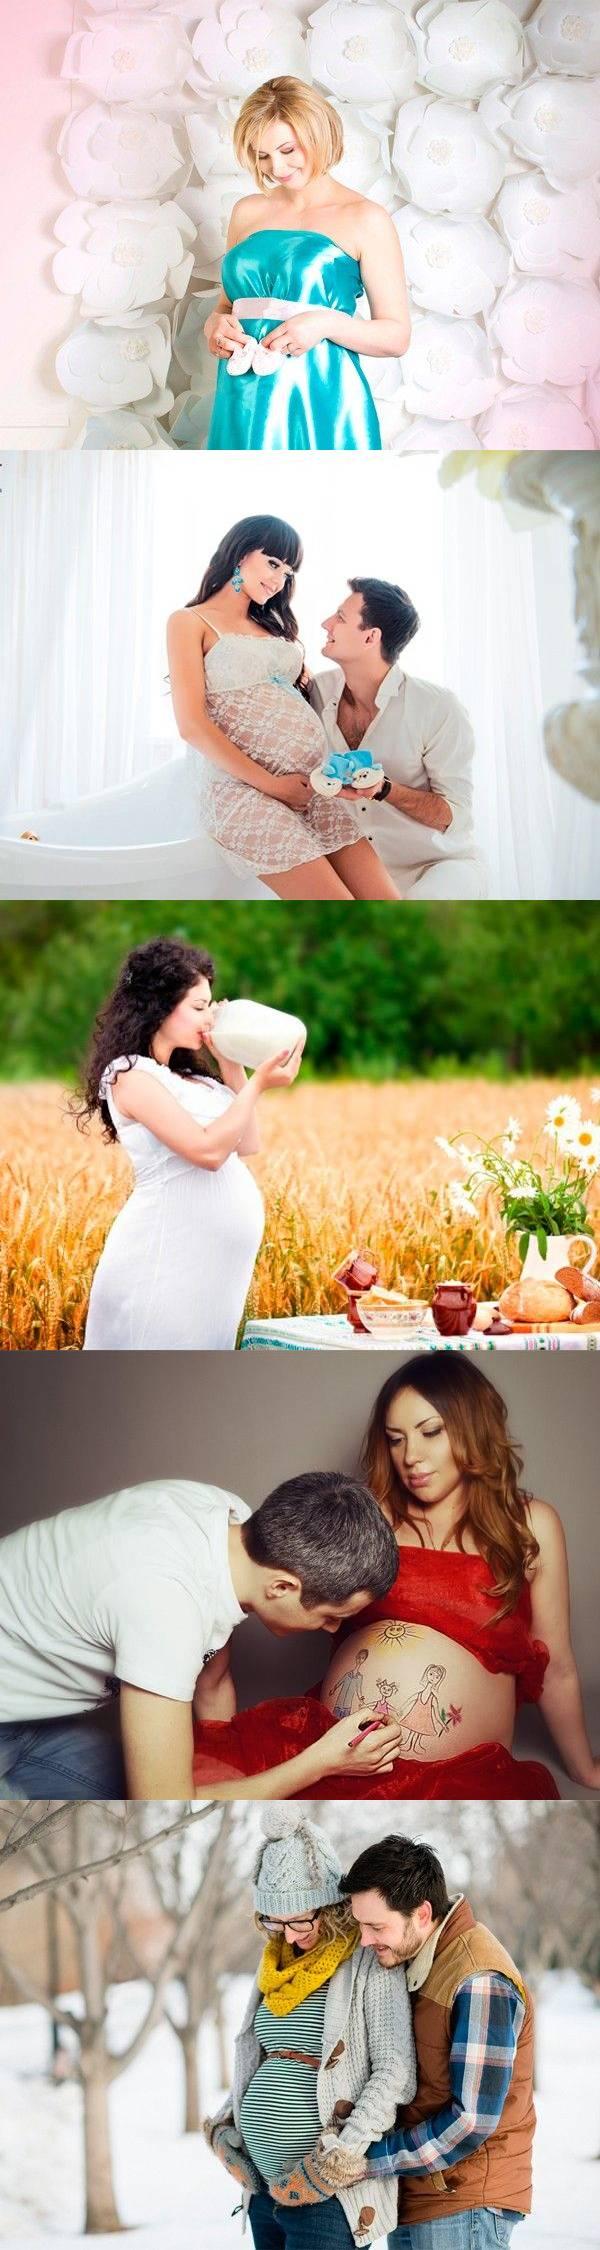 26 идей фотосессий для беременной